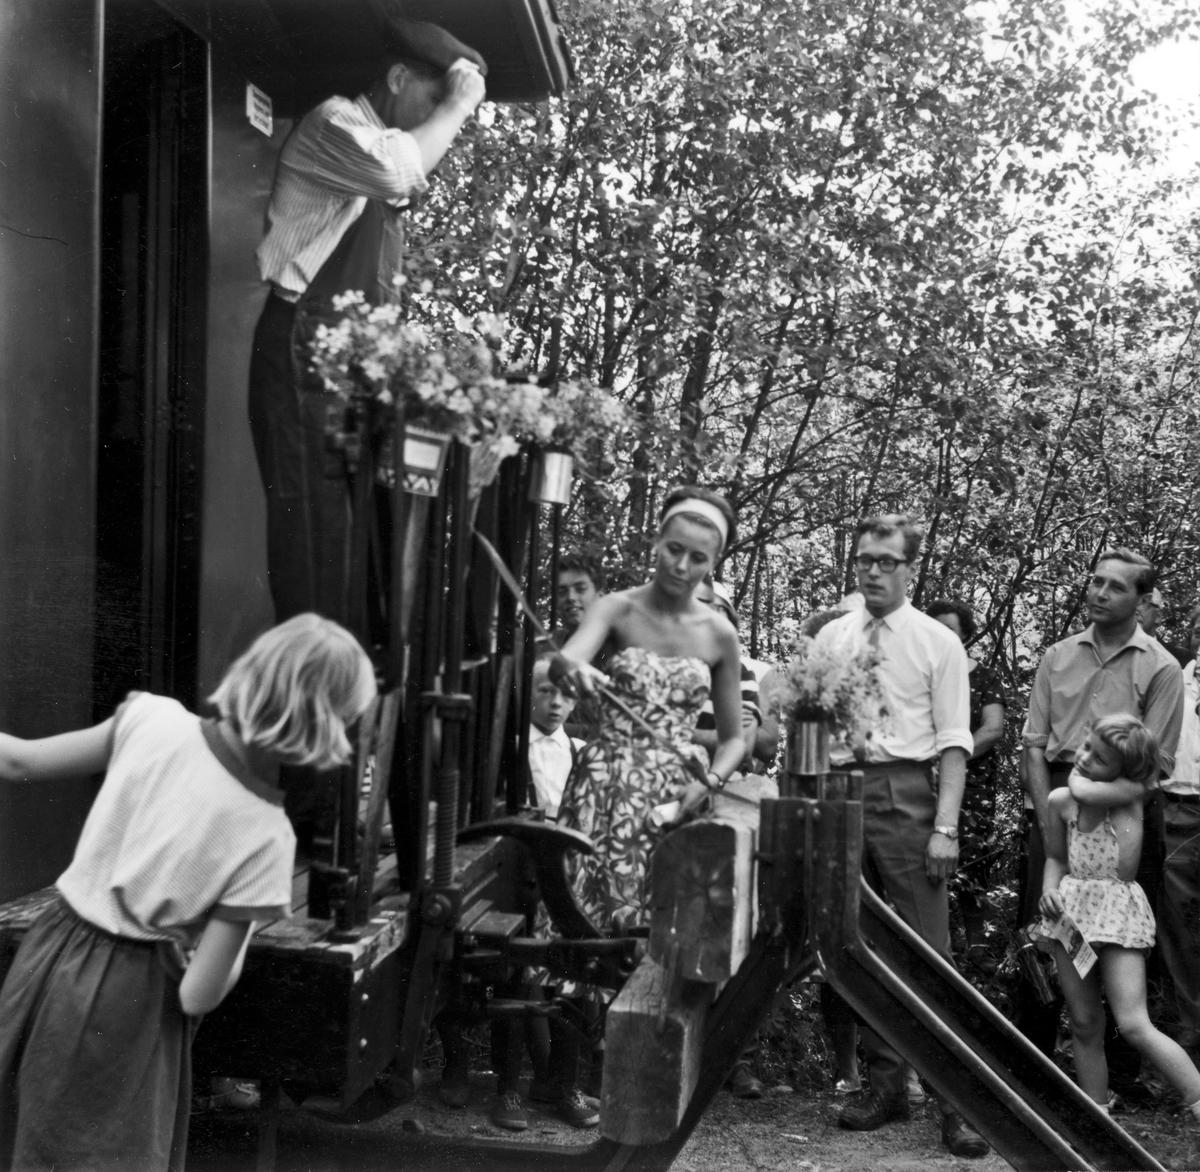 Fra den høytidelige åpningen av museumsbanen 19. juni 1966. Margrethe Wiegels foretar snorklippingen.